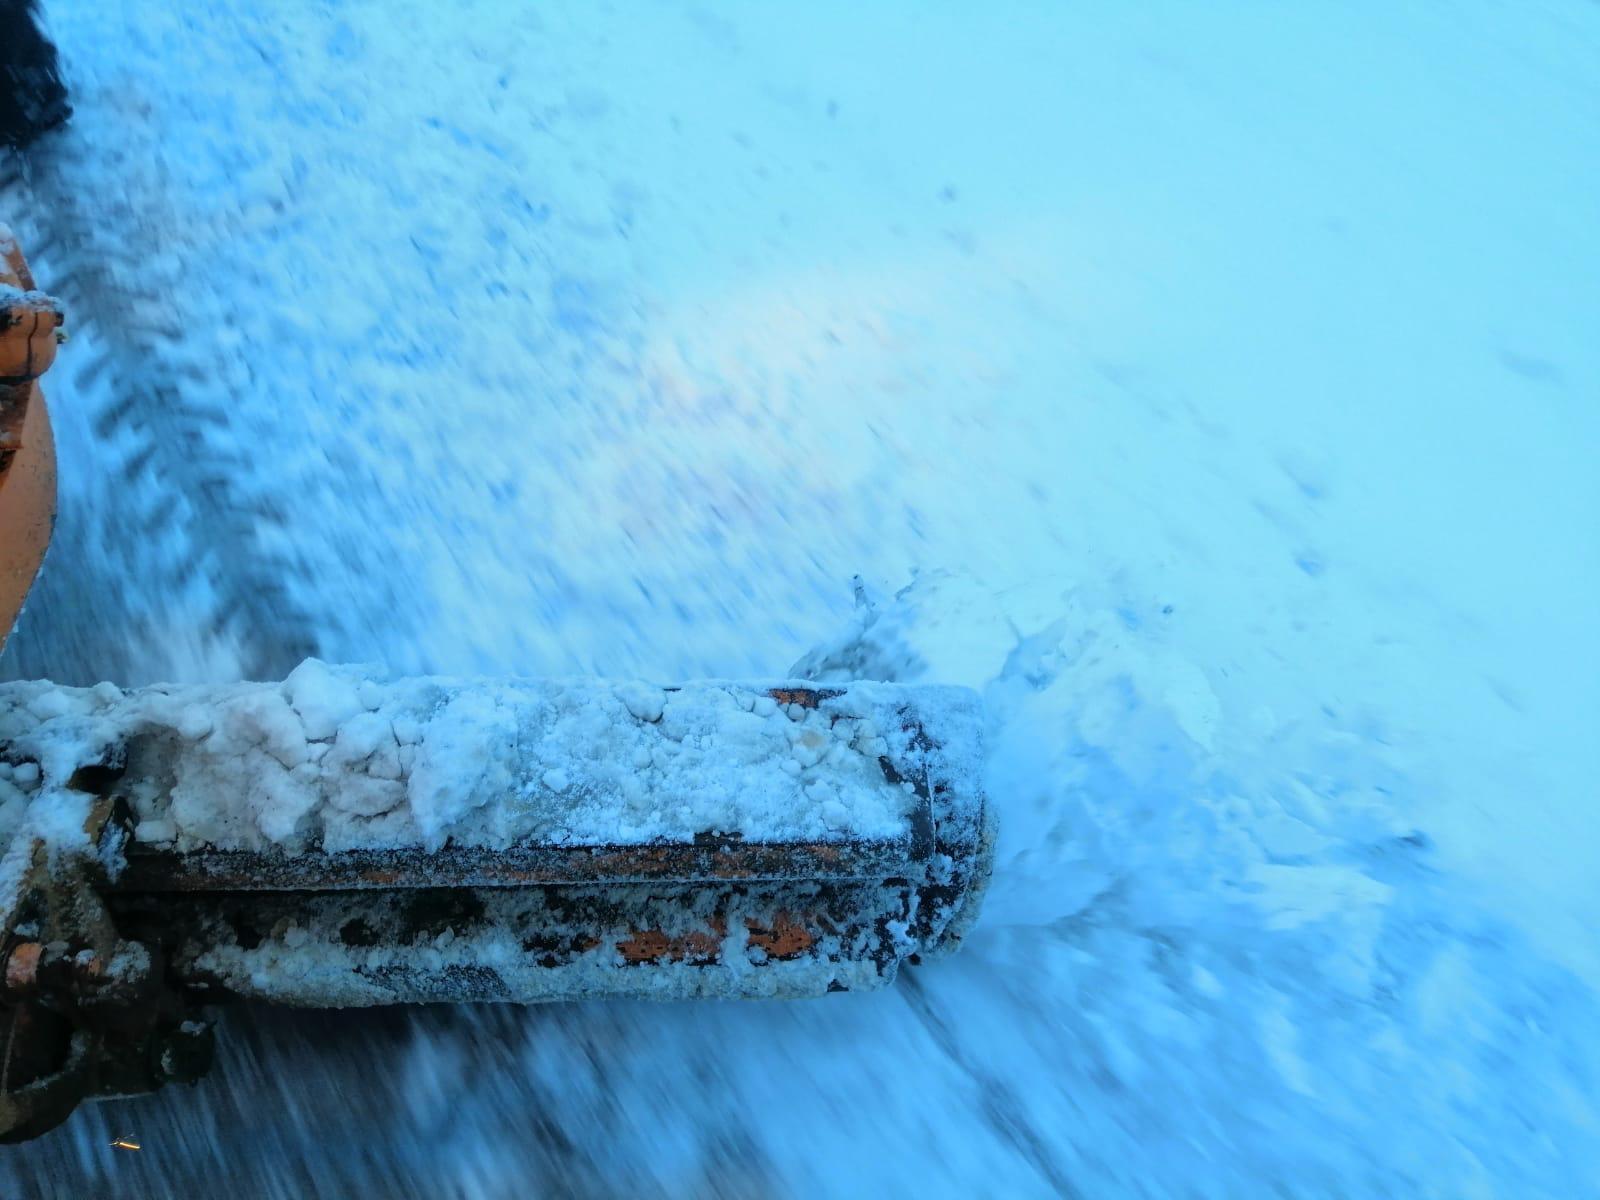 alacabel-mevkiinde-kar-yagisi.jpg